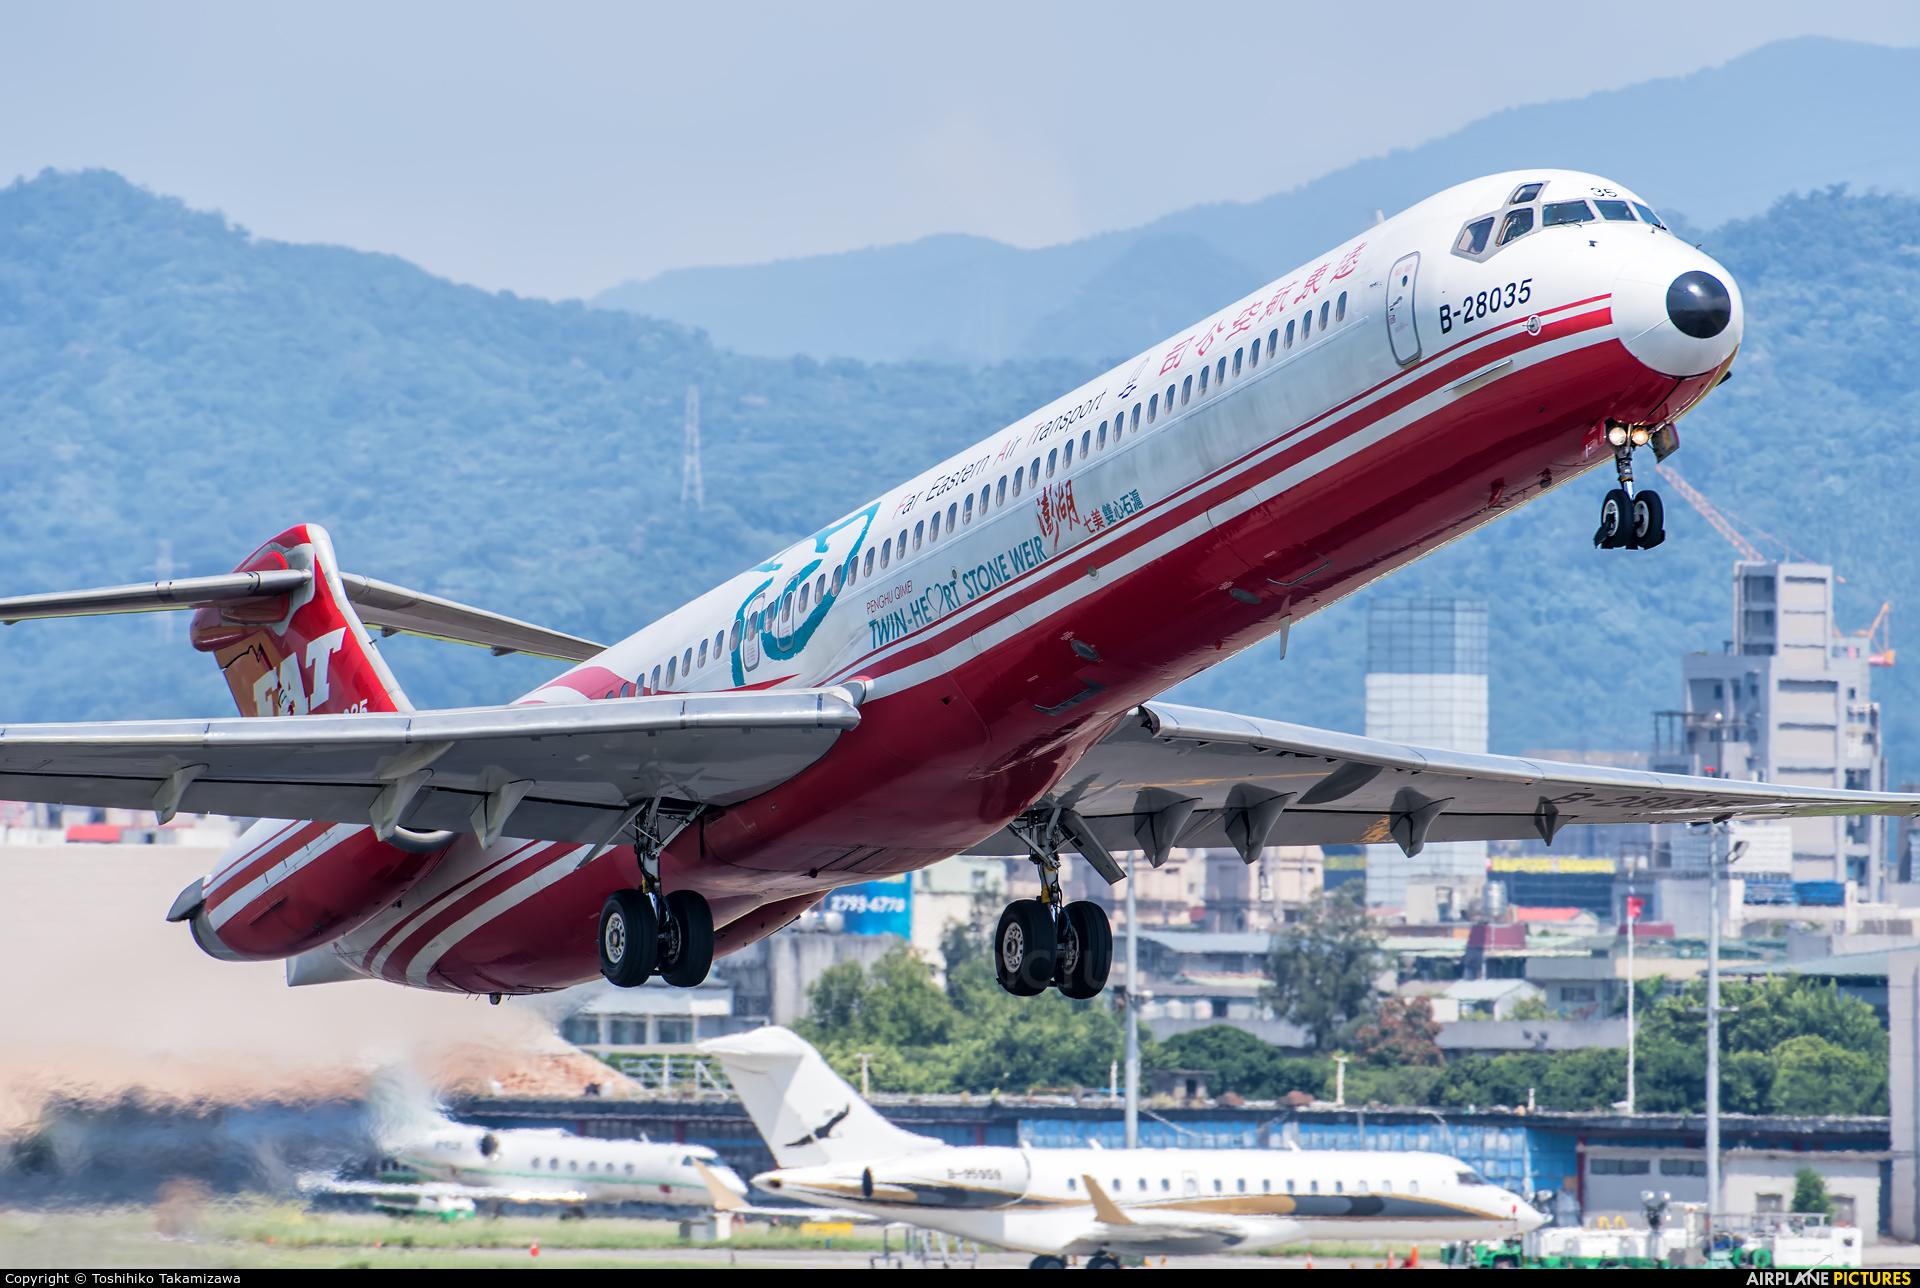 Far Eastern Air Transport B-28035 aircraft at Taipei - Sung Shan